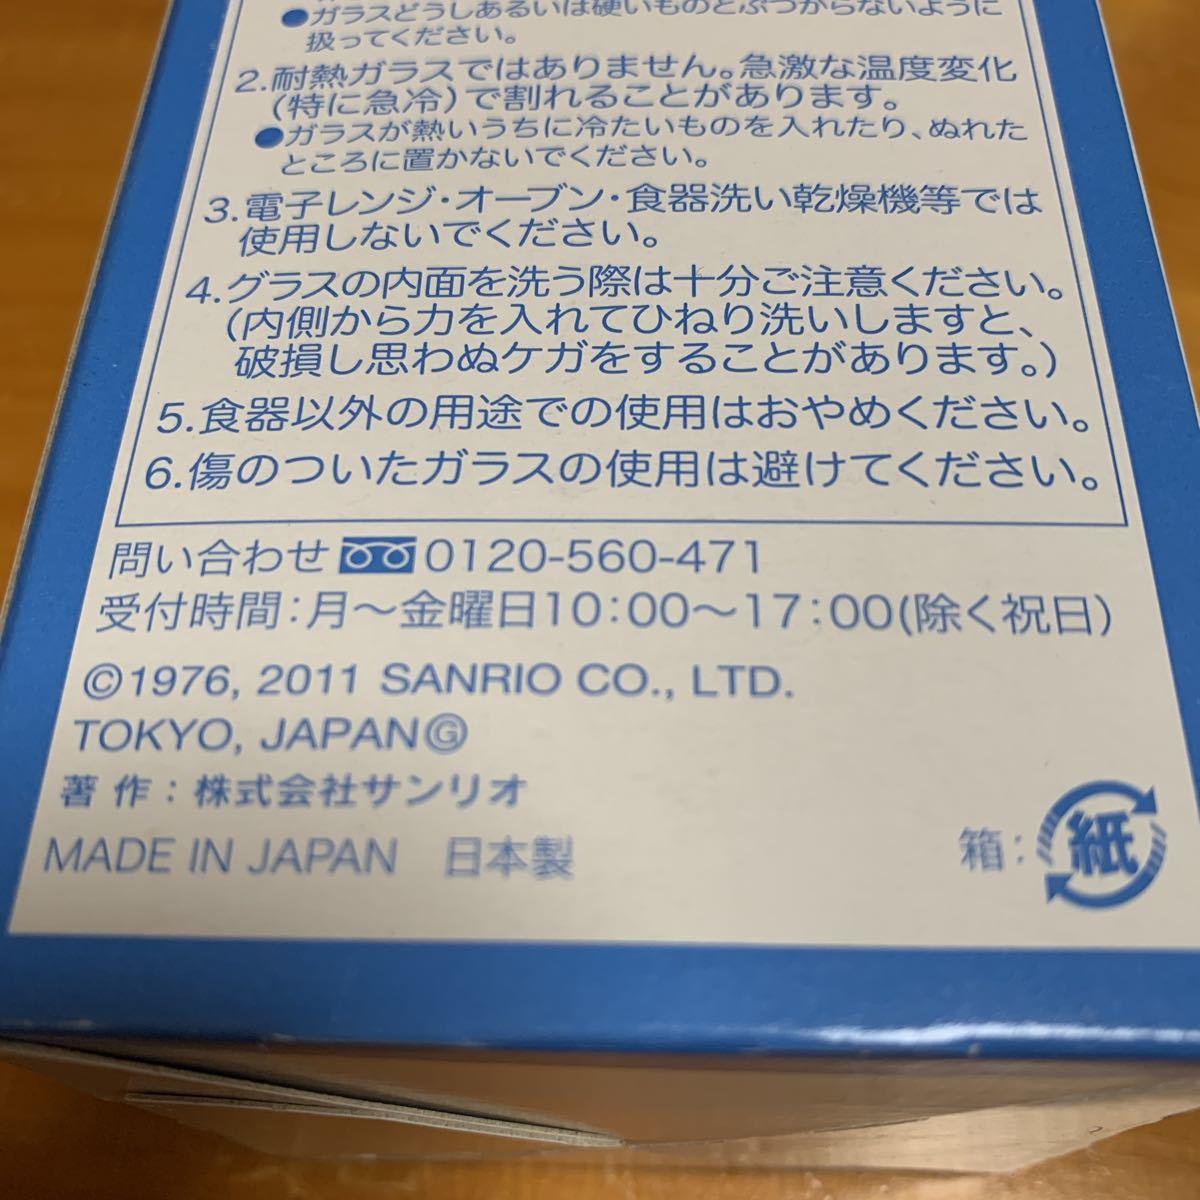 ハローキティ 清涼グラス 1個 洋服の青山 ノベルティ新品 未使用品 送料無料_画像7